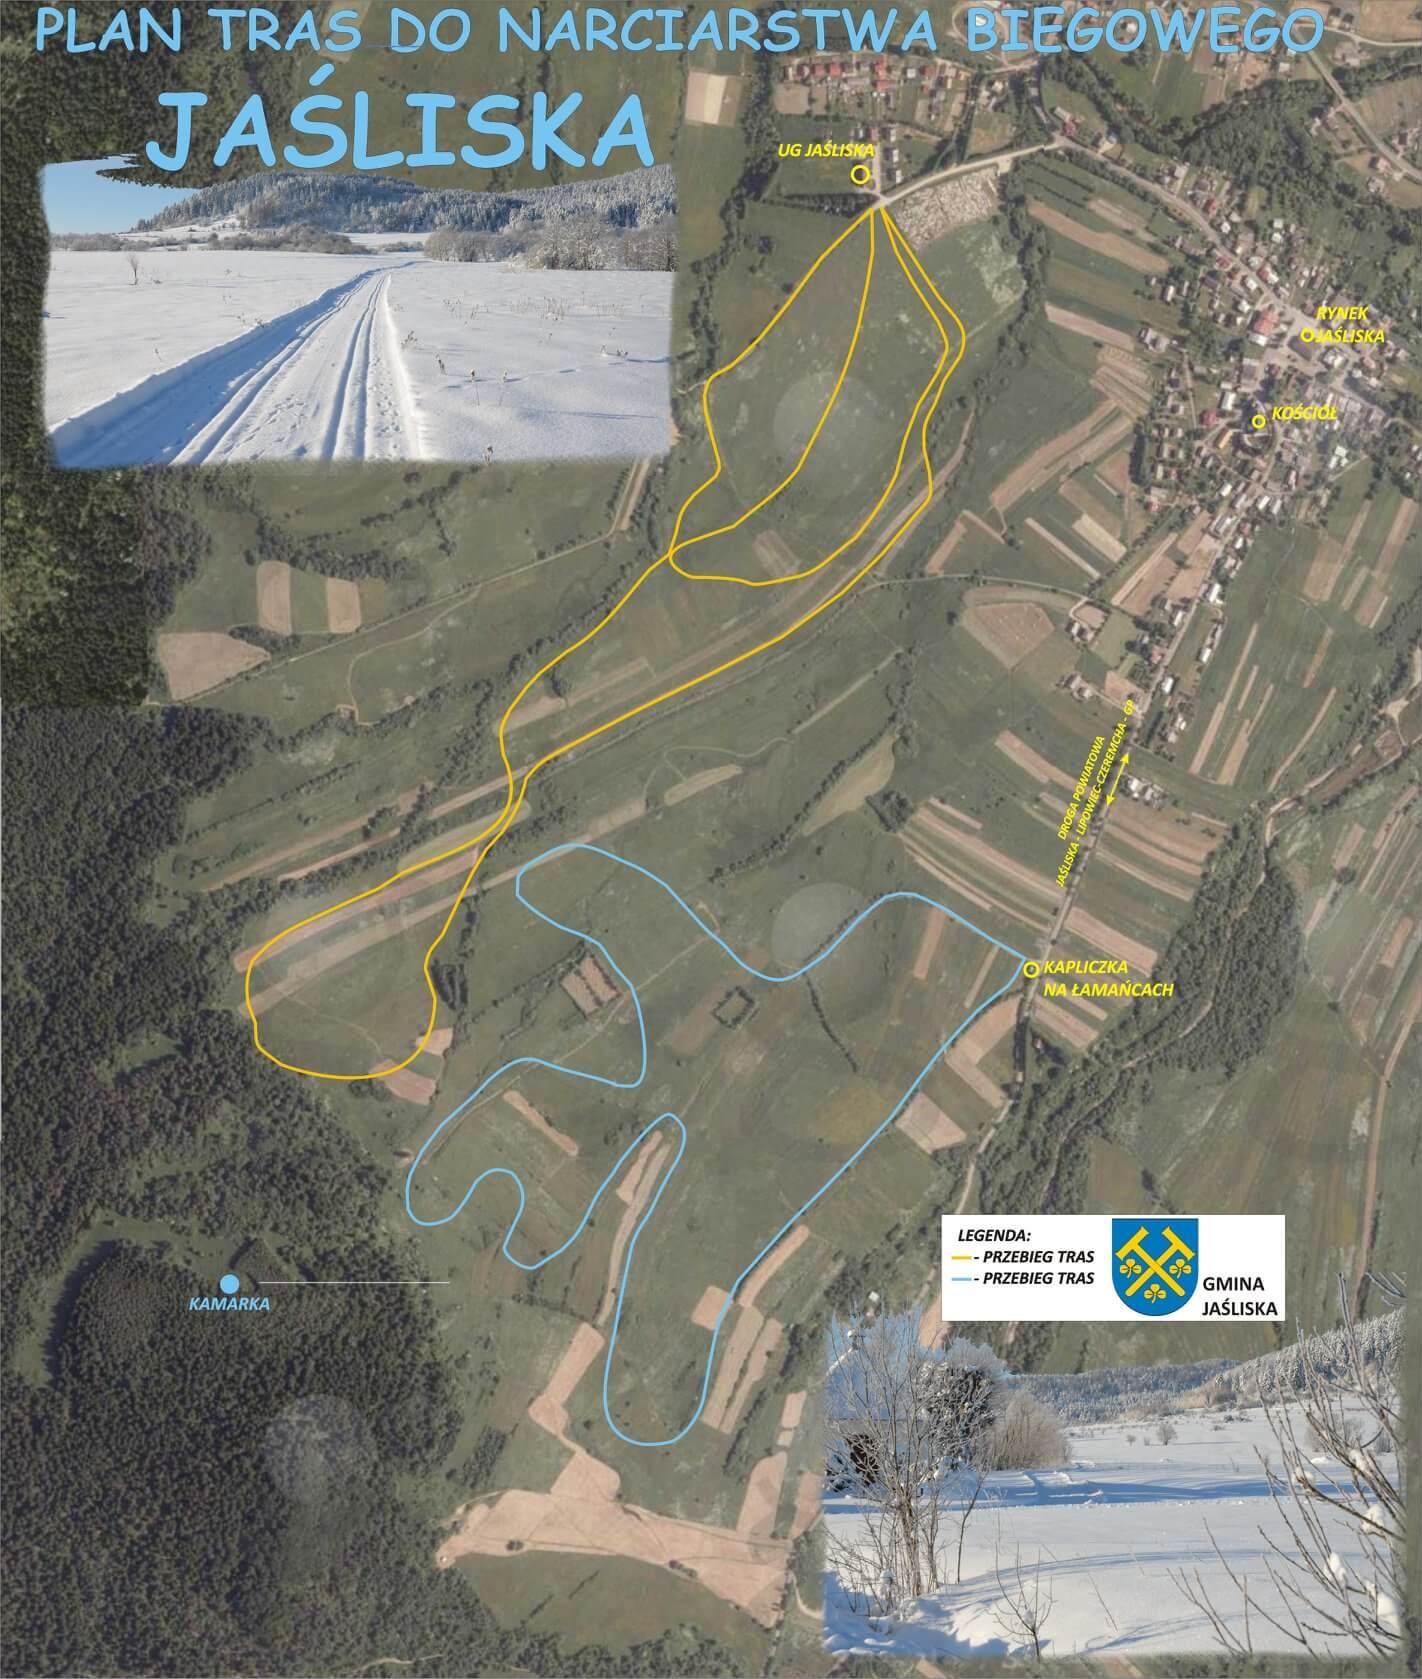 Trasy donarciarstwa biegowego nastokach Kamarki